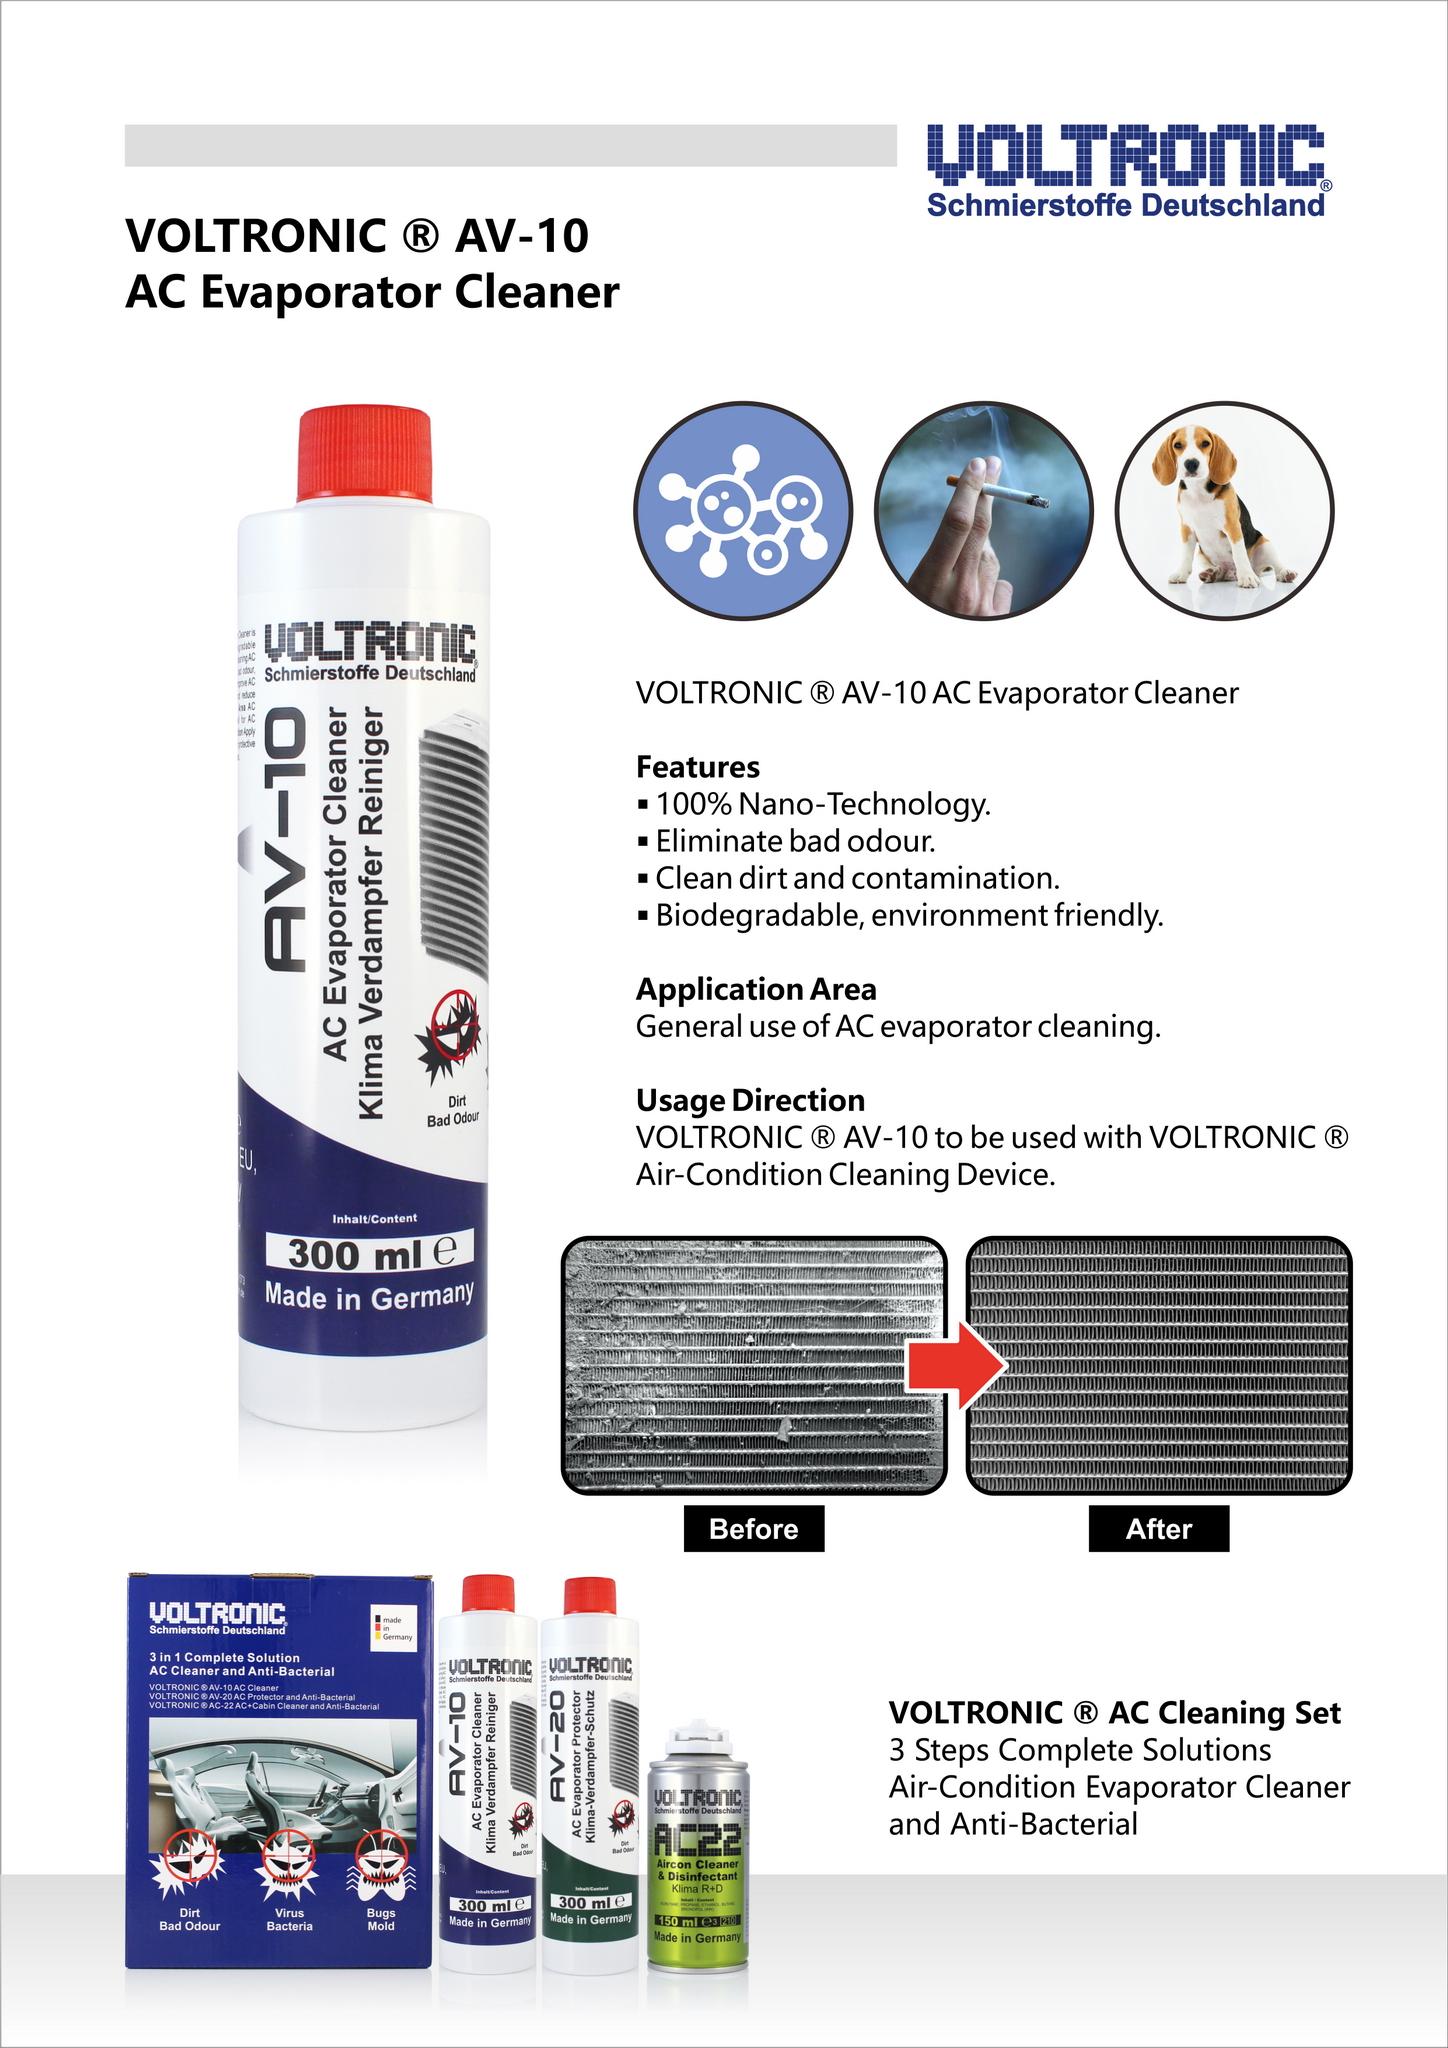 voltronic av10 air-condition evaporator cleaner